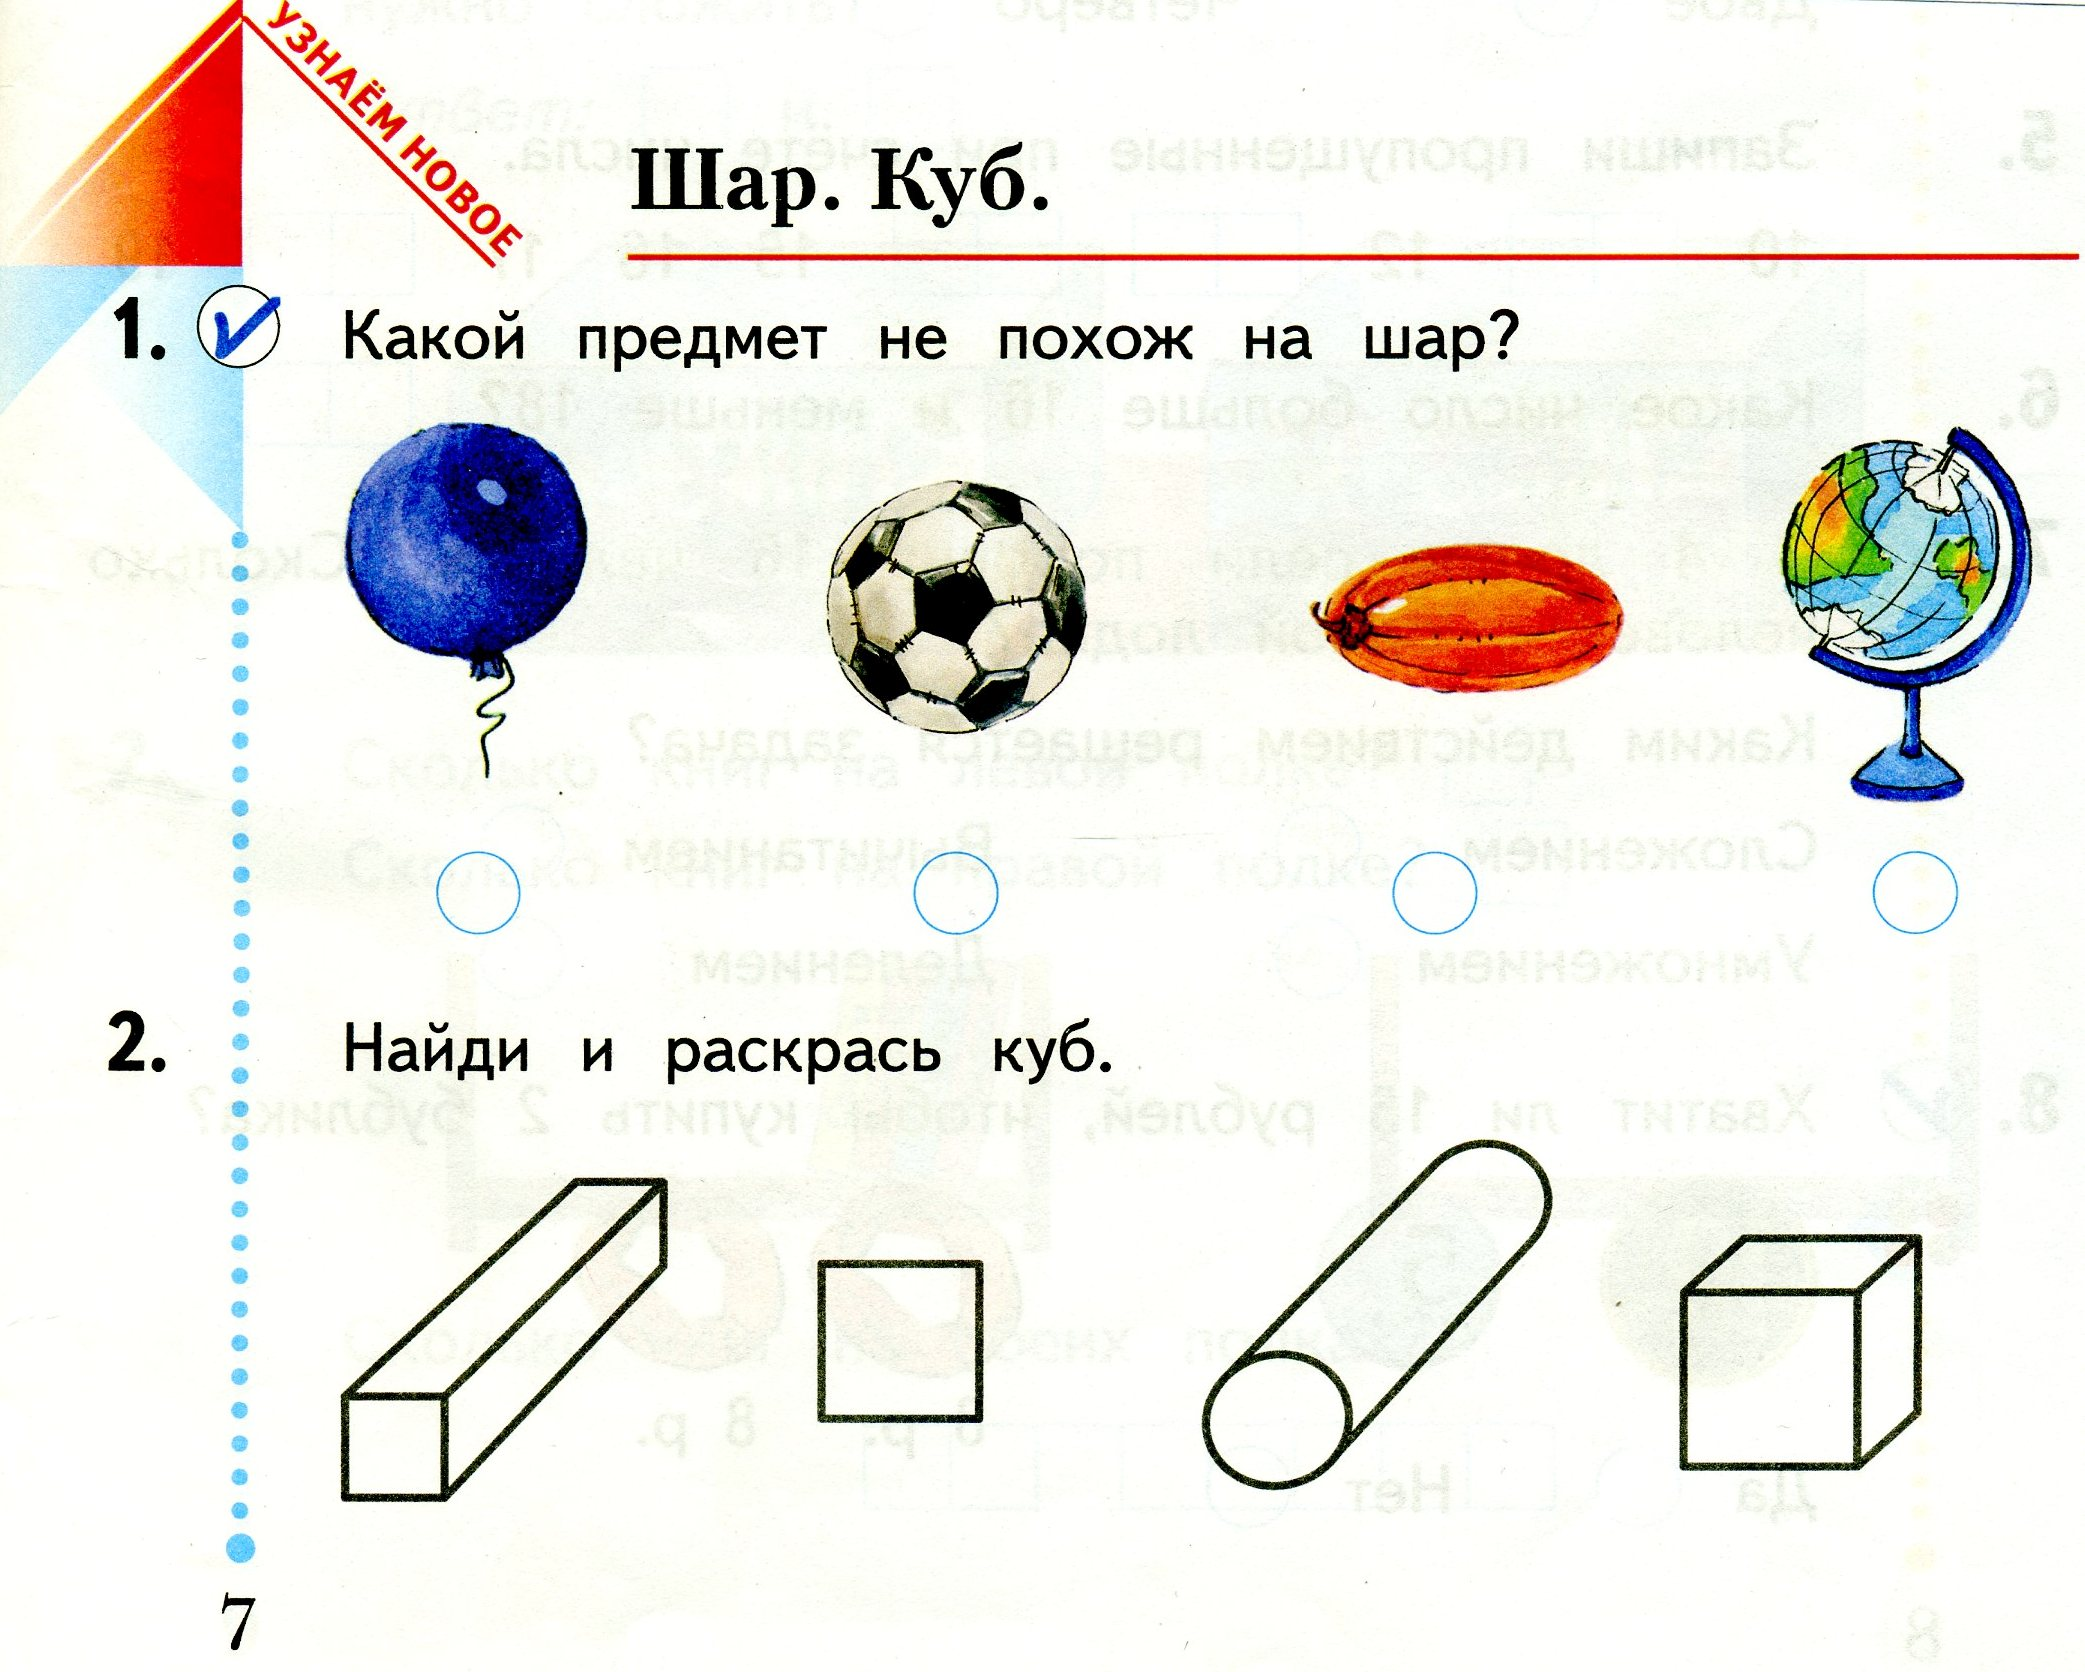 Конспект урока математики 1 класс 21 век